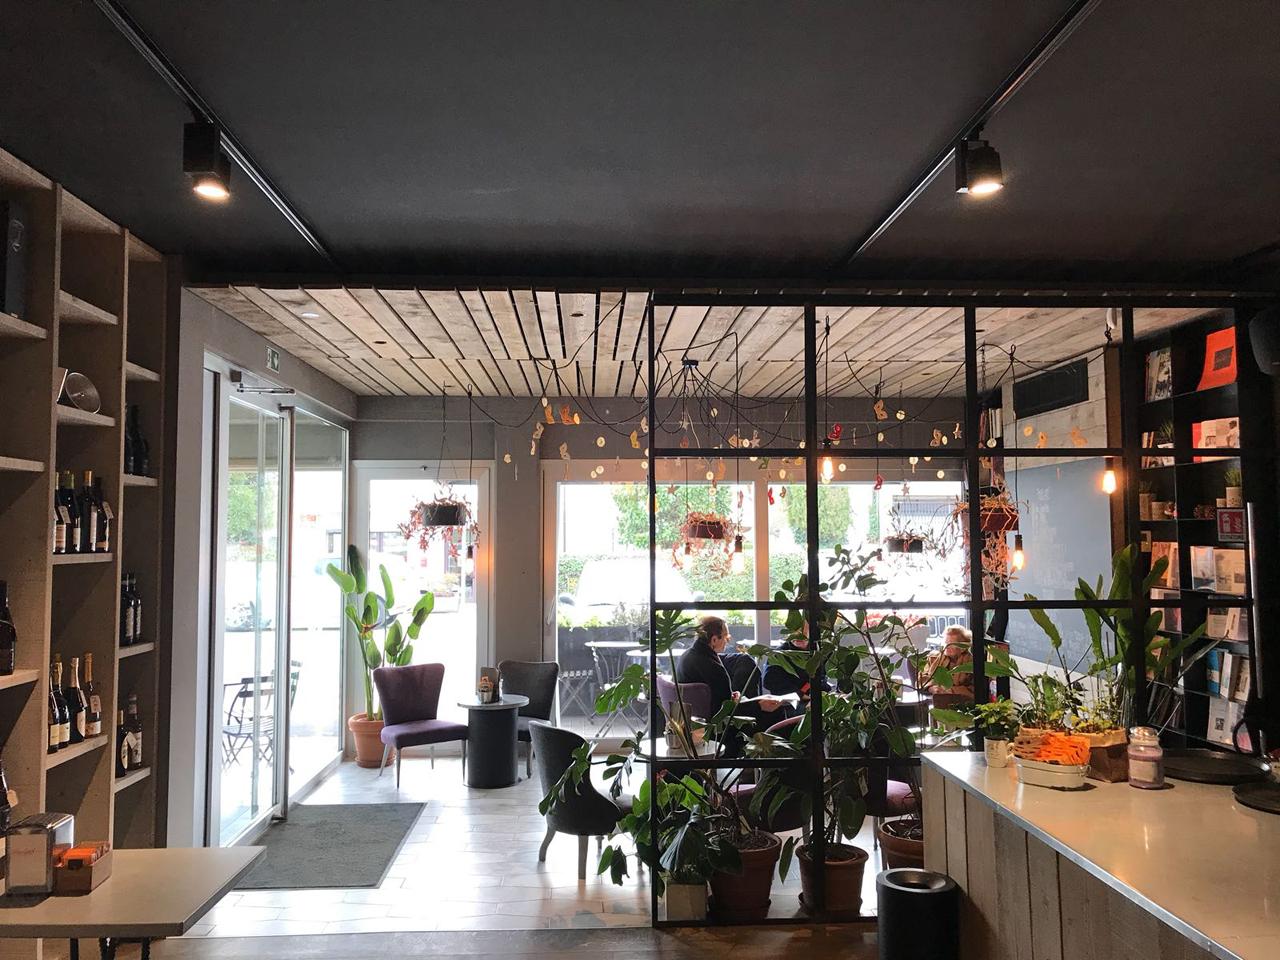 Architettura E Design Interni.Design Di Interni Metamorphosi104 Studio Di Architettura E Design